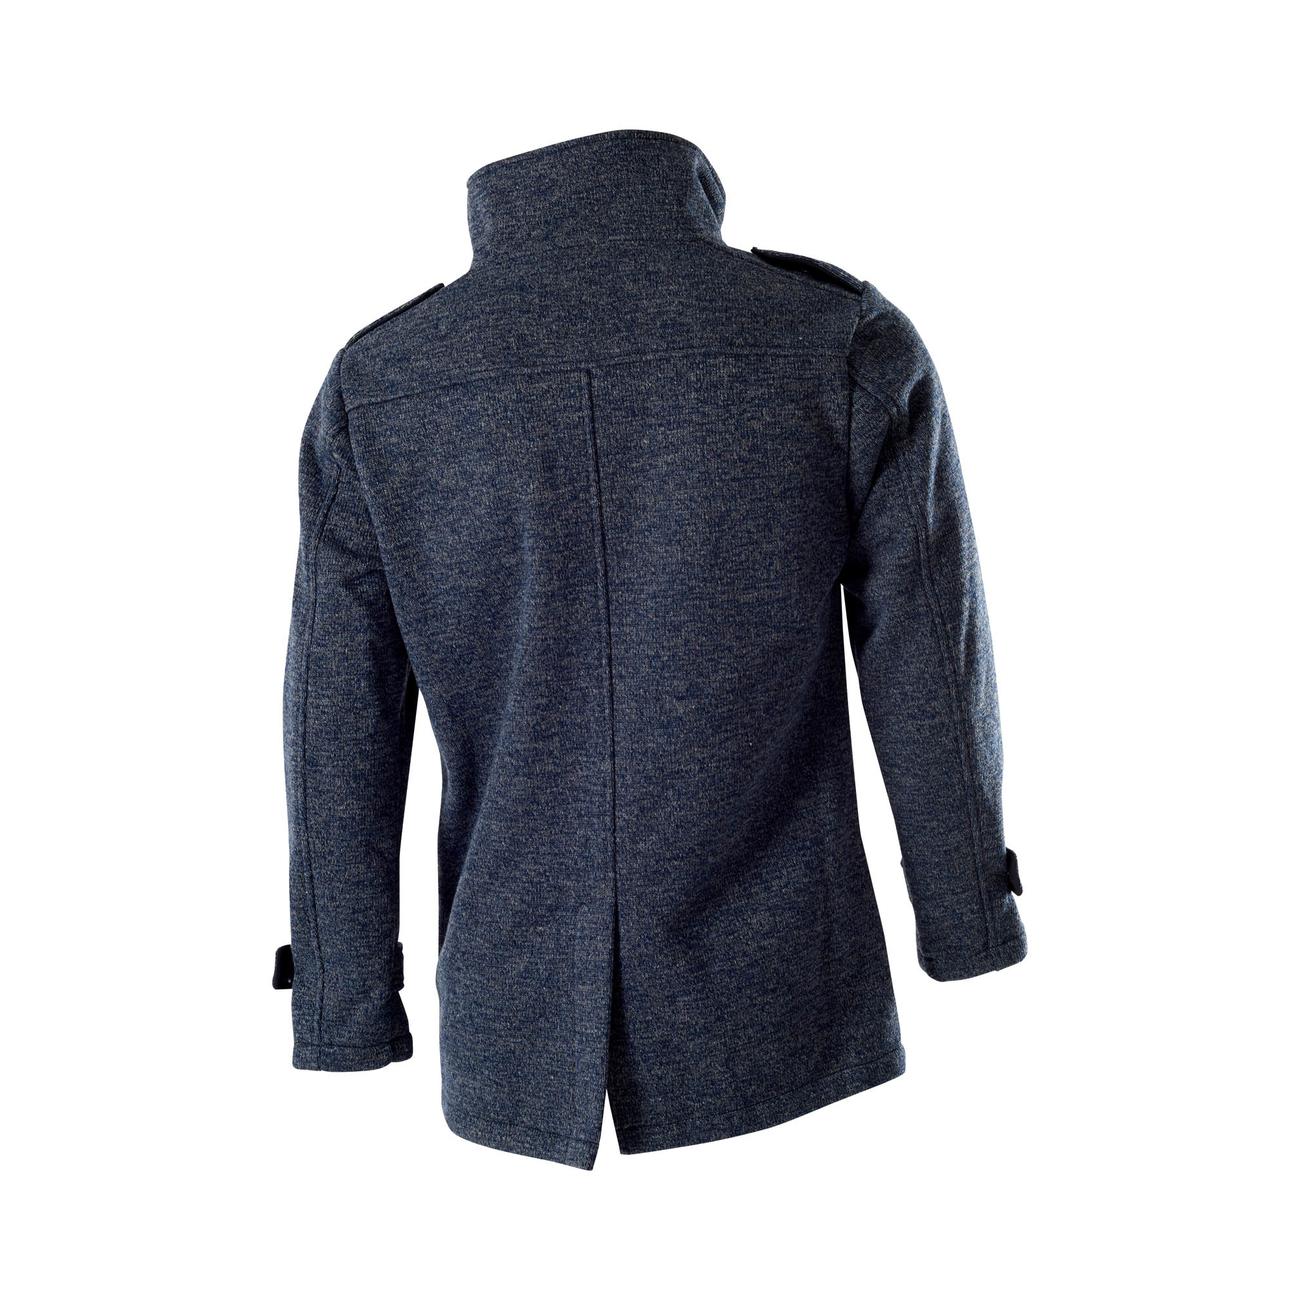 Owney Shore Jacket für Herren, Bild 2